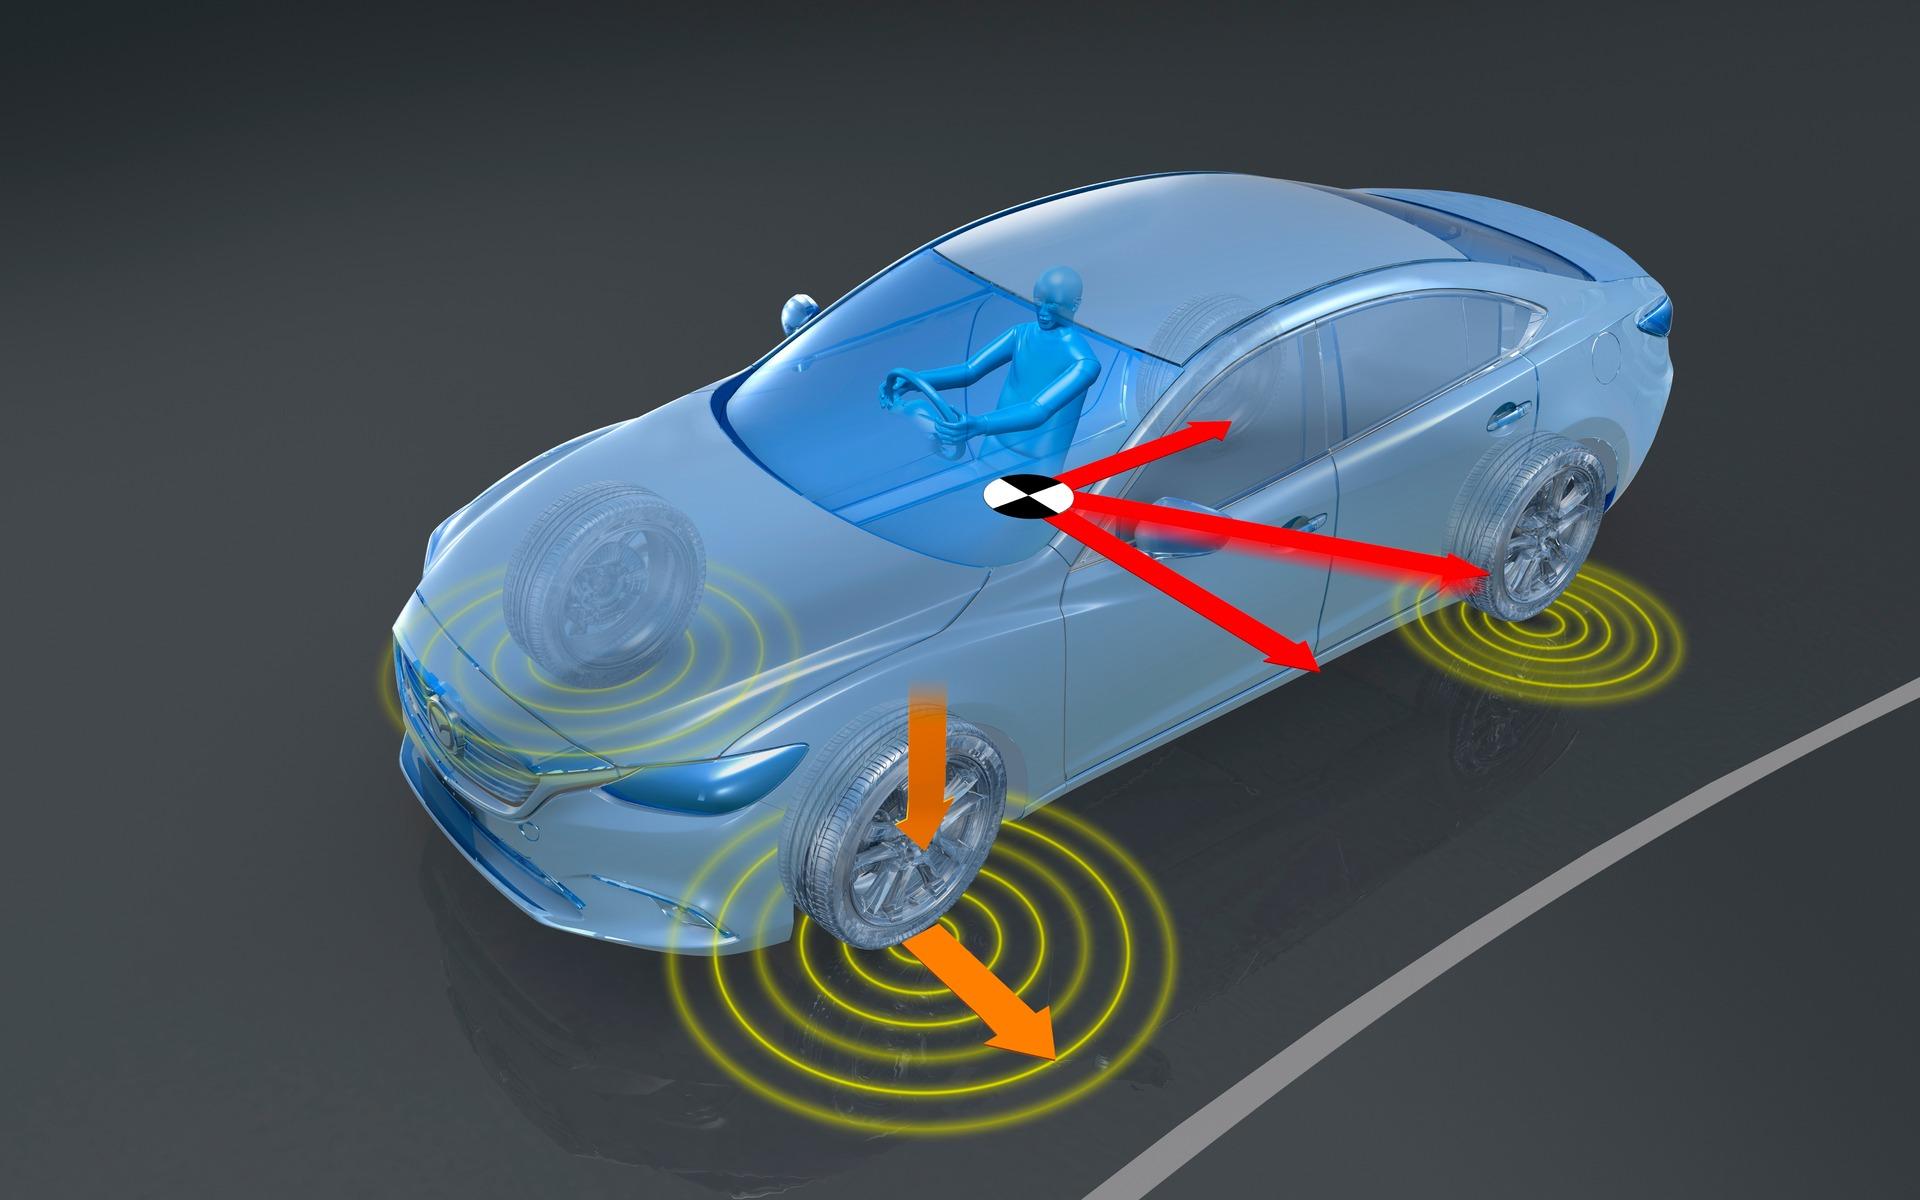 Le système Contrôle vectoriel-G de Mazda